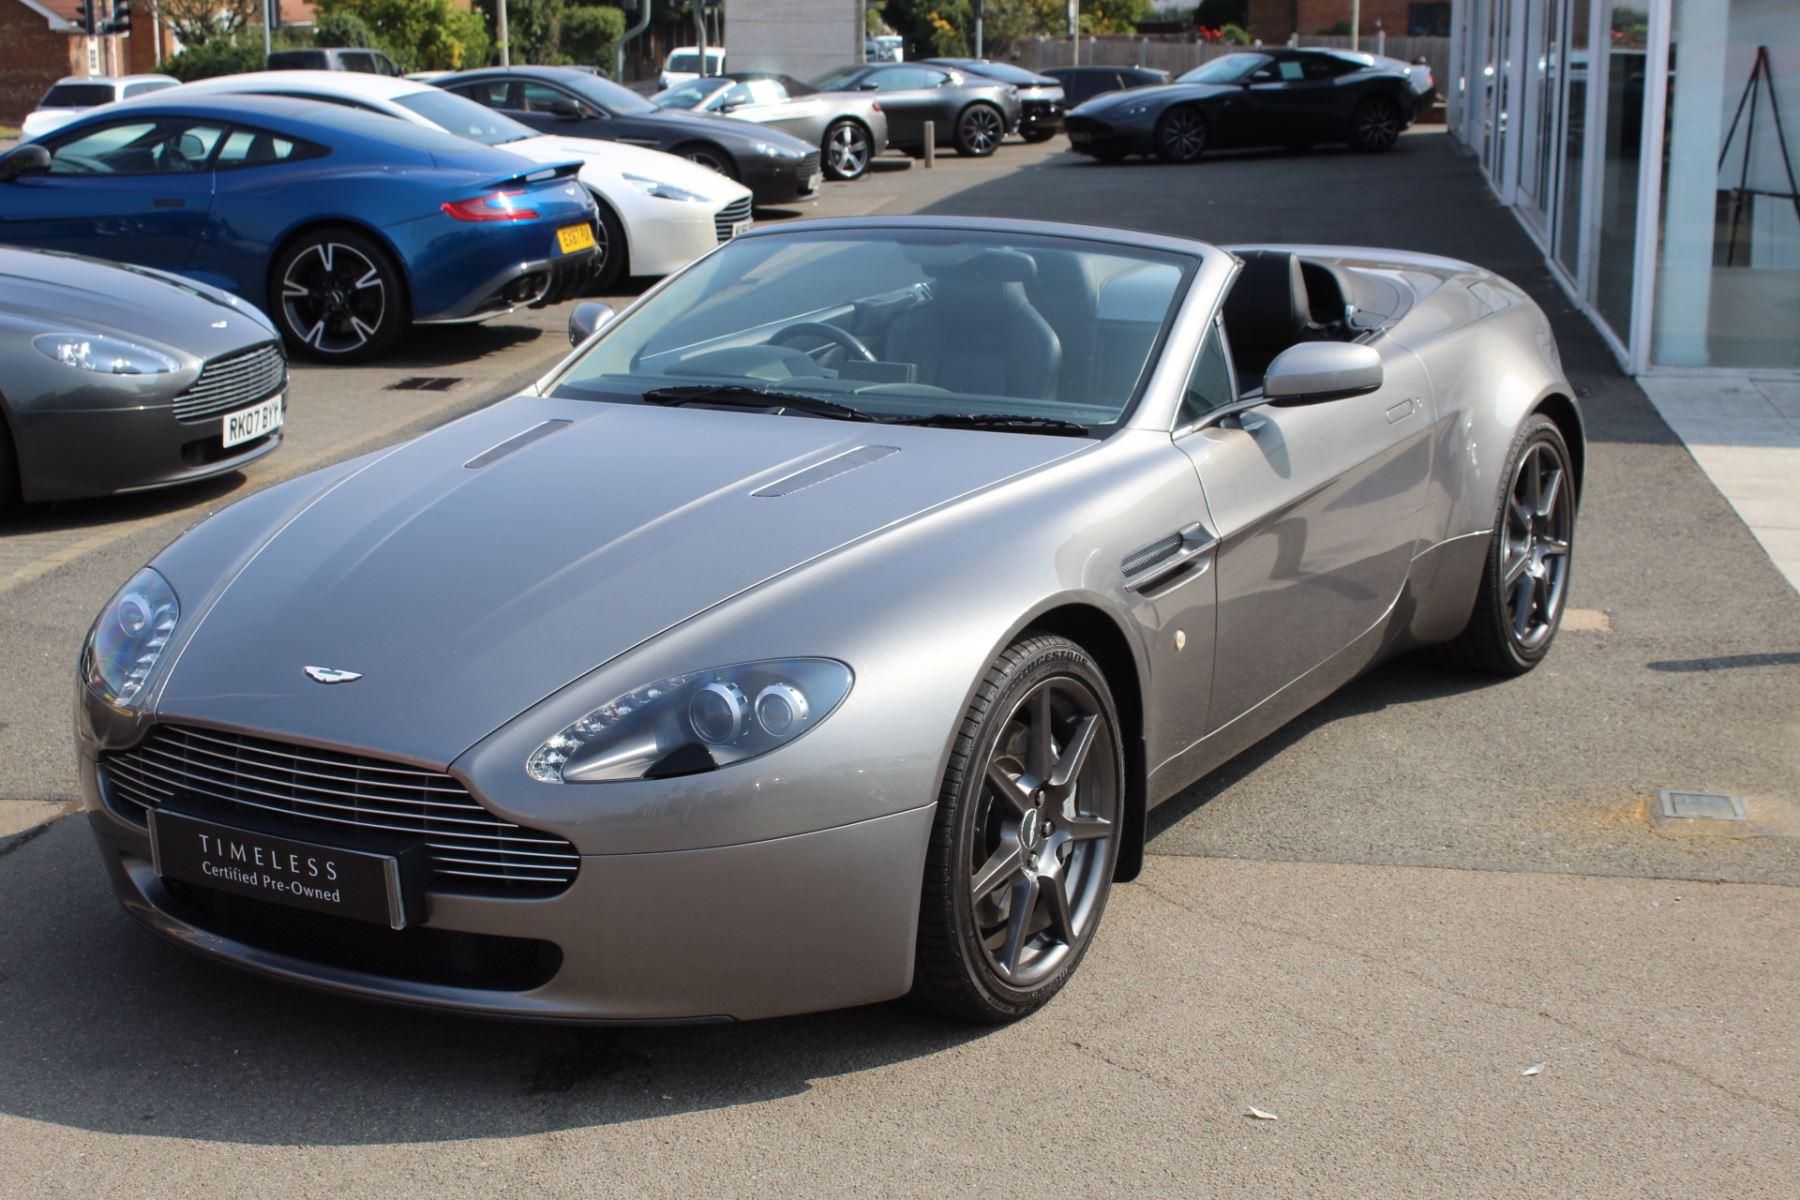 Aston Martin V8 Vantage Roadster 2dr Sportshift image 3